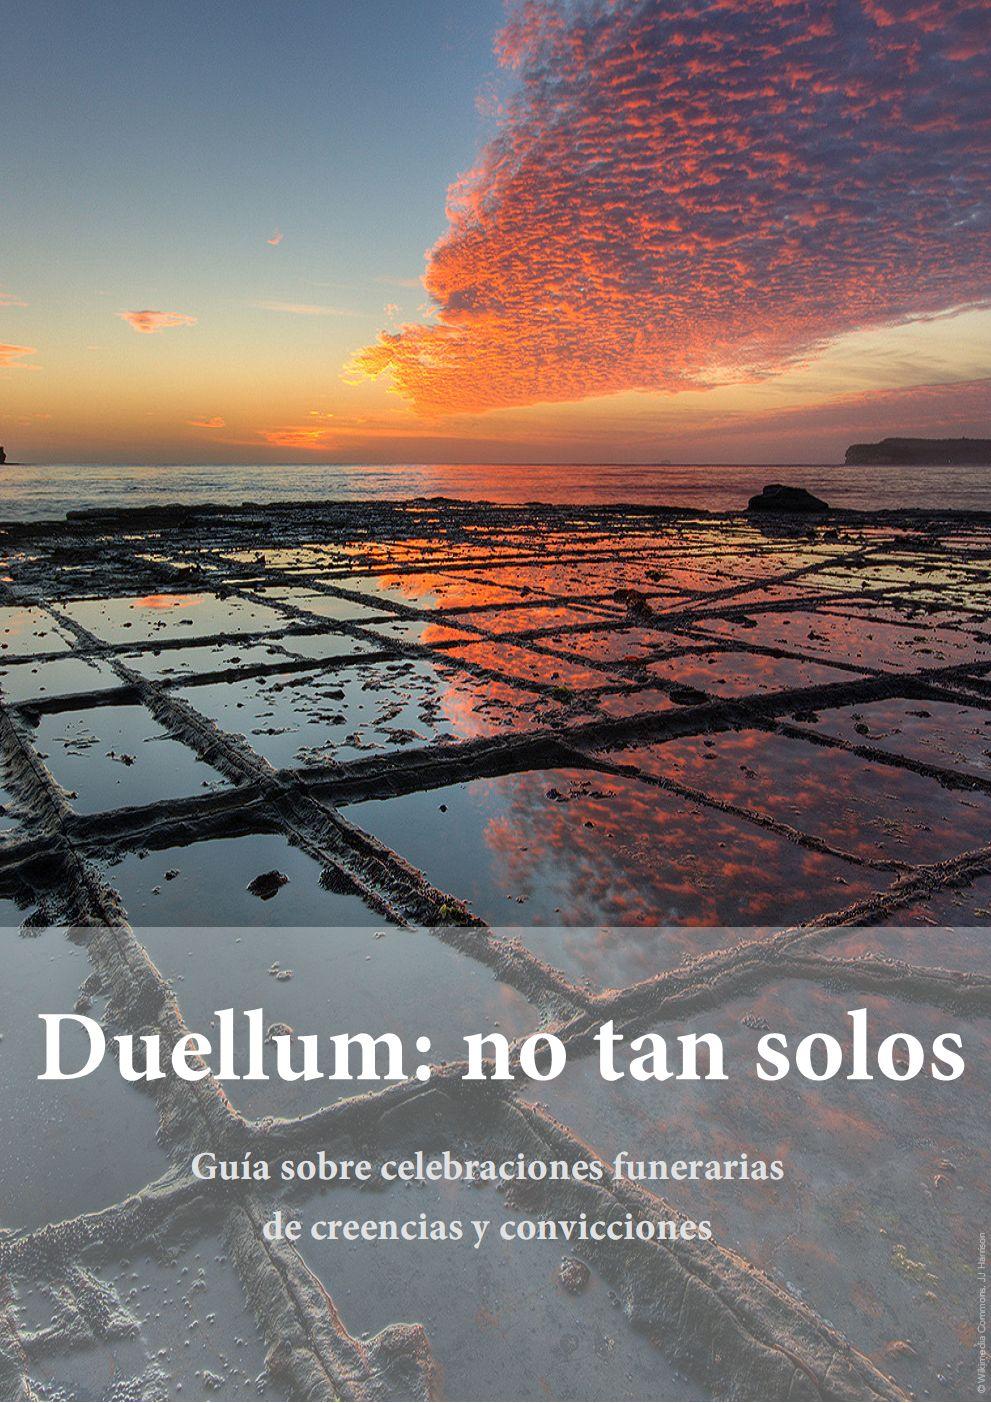 Duellum: No tan solos